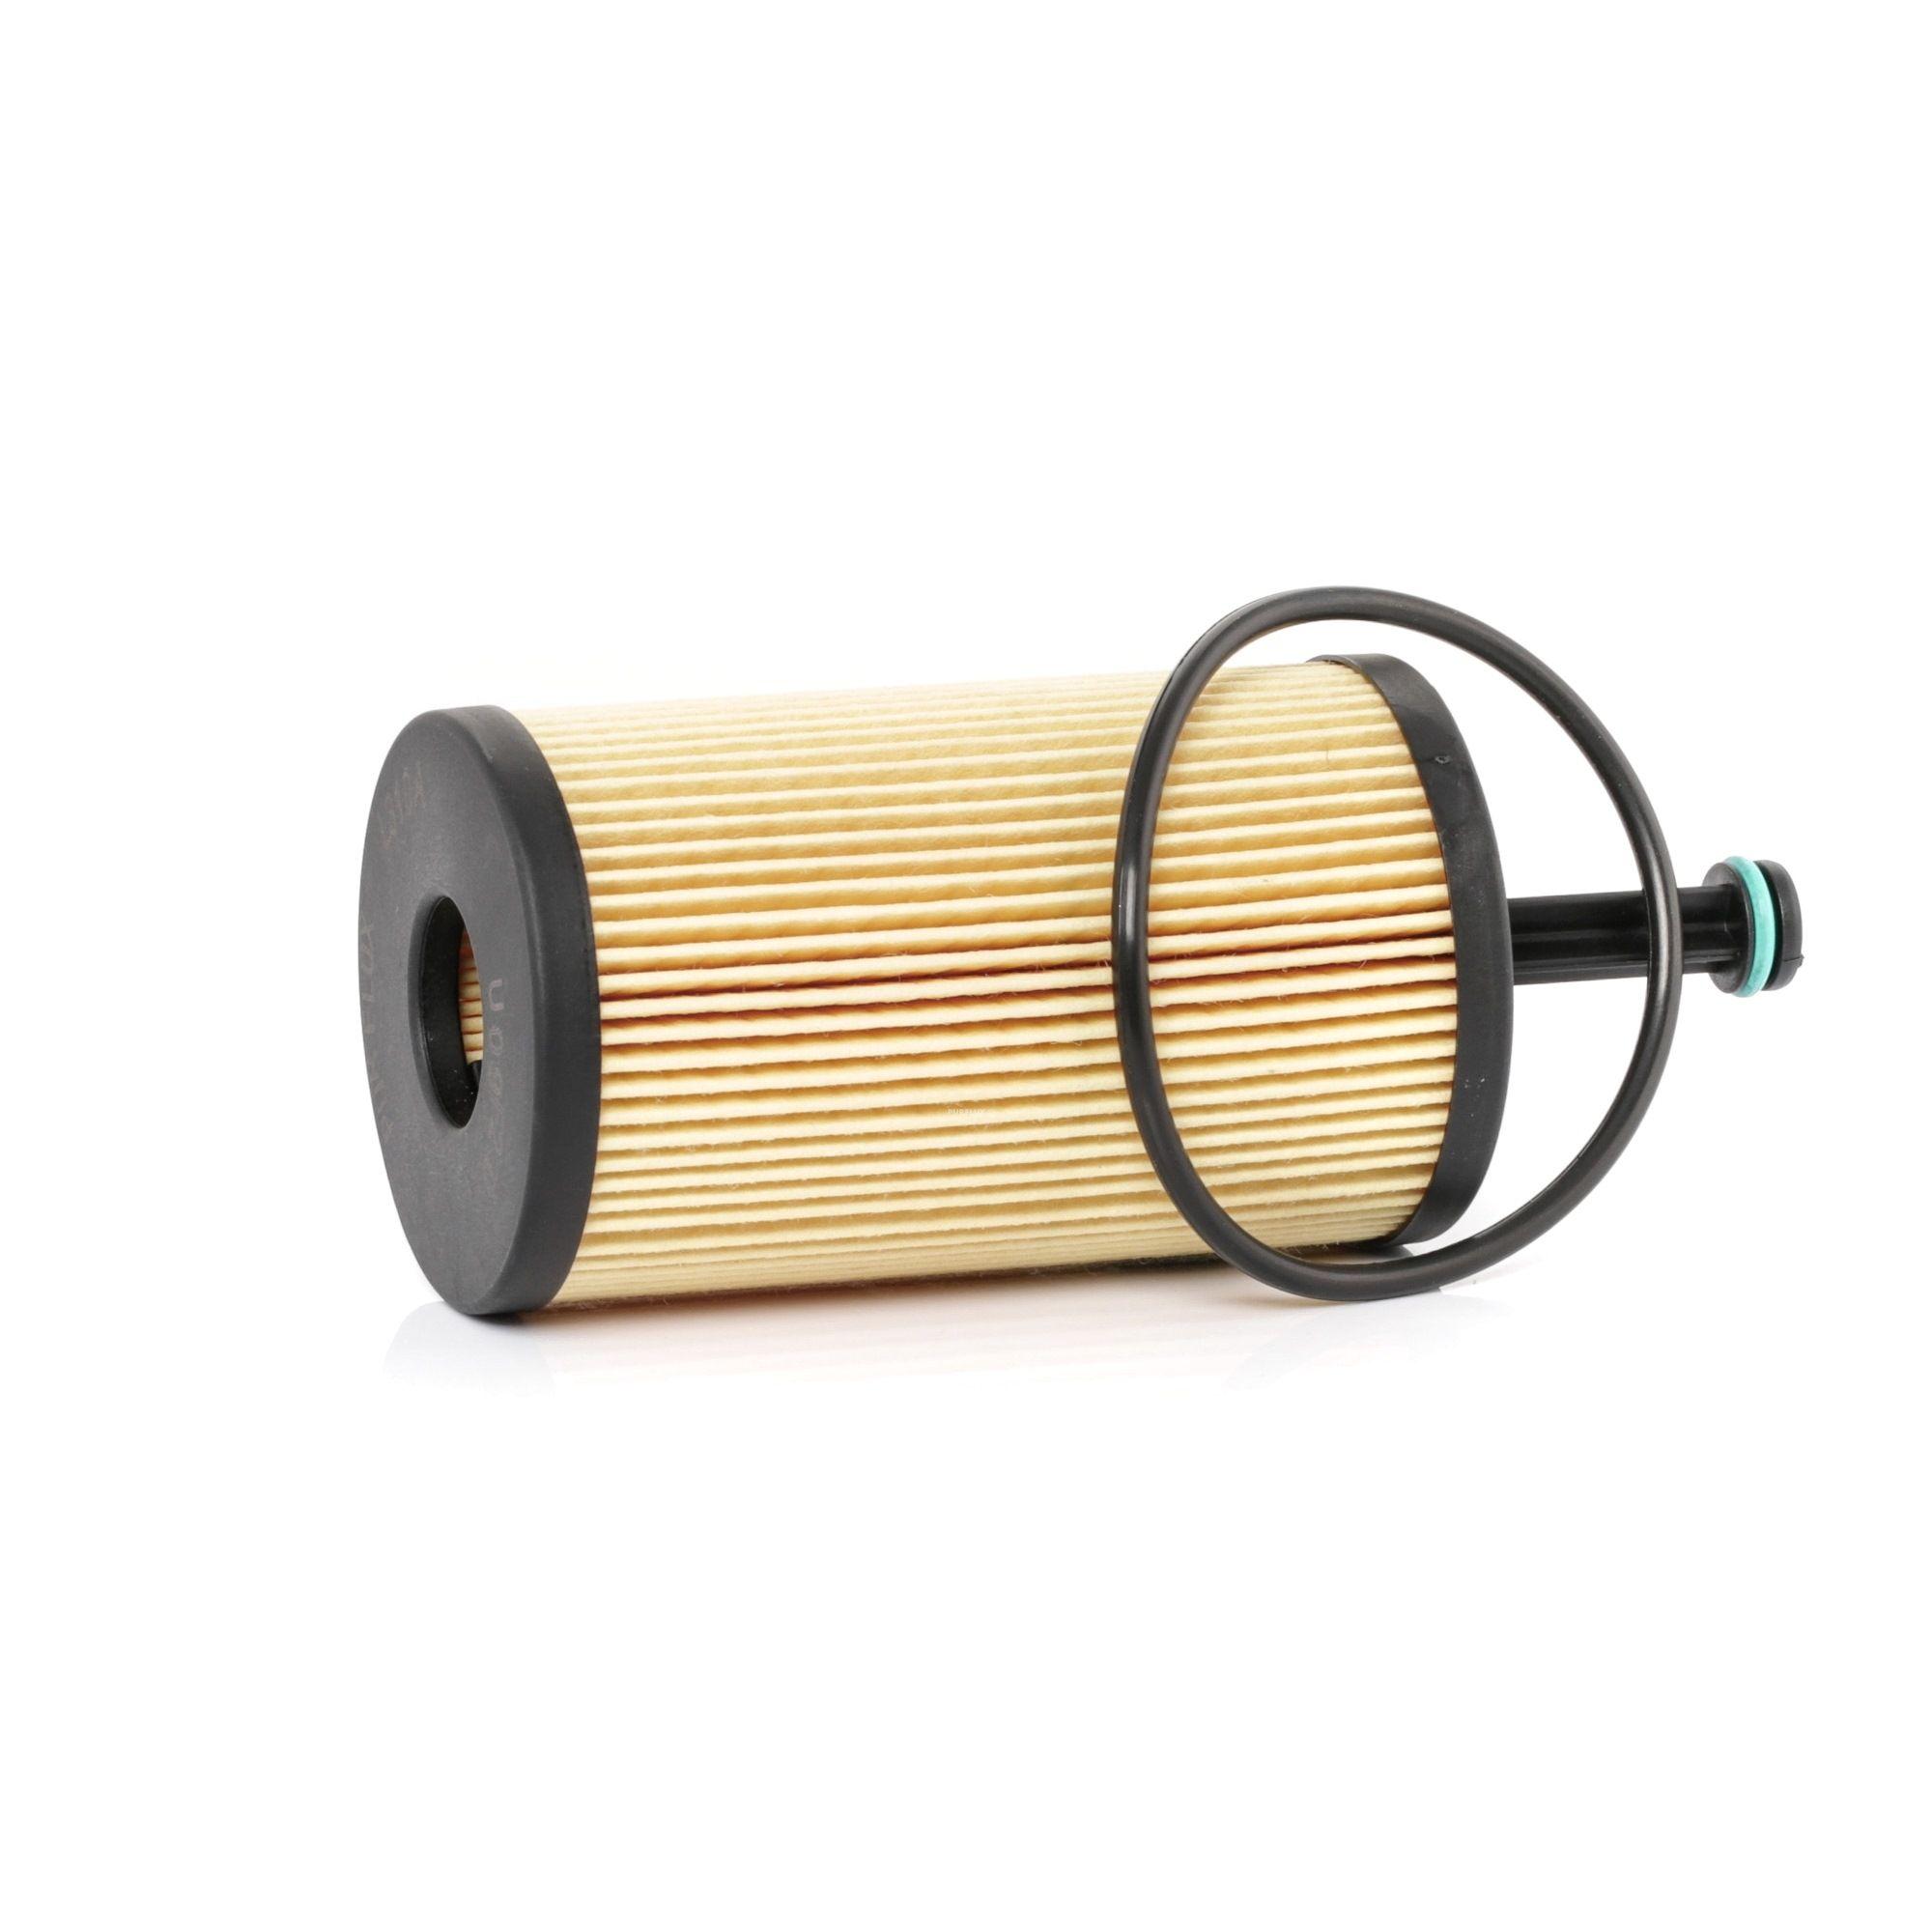 Achetez Filtre à huile PURFLUX L310A (Diamètre intérieur: 21mm, Ø: 60mm, Hauteur: 141mm) à un rapport qualité-prix exceptionnel